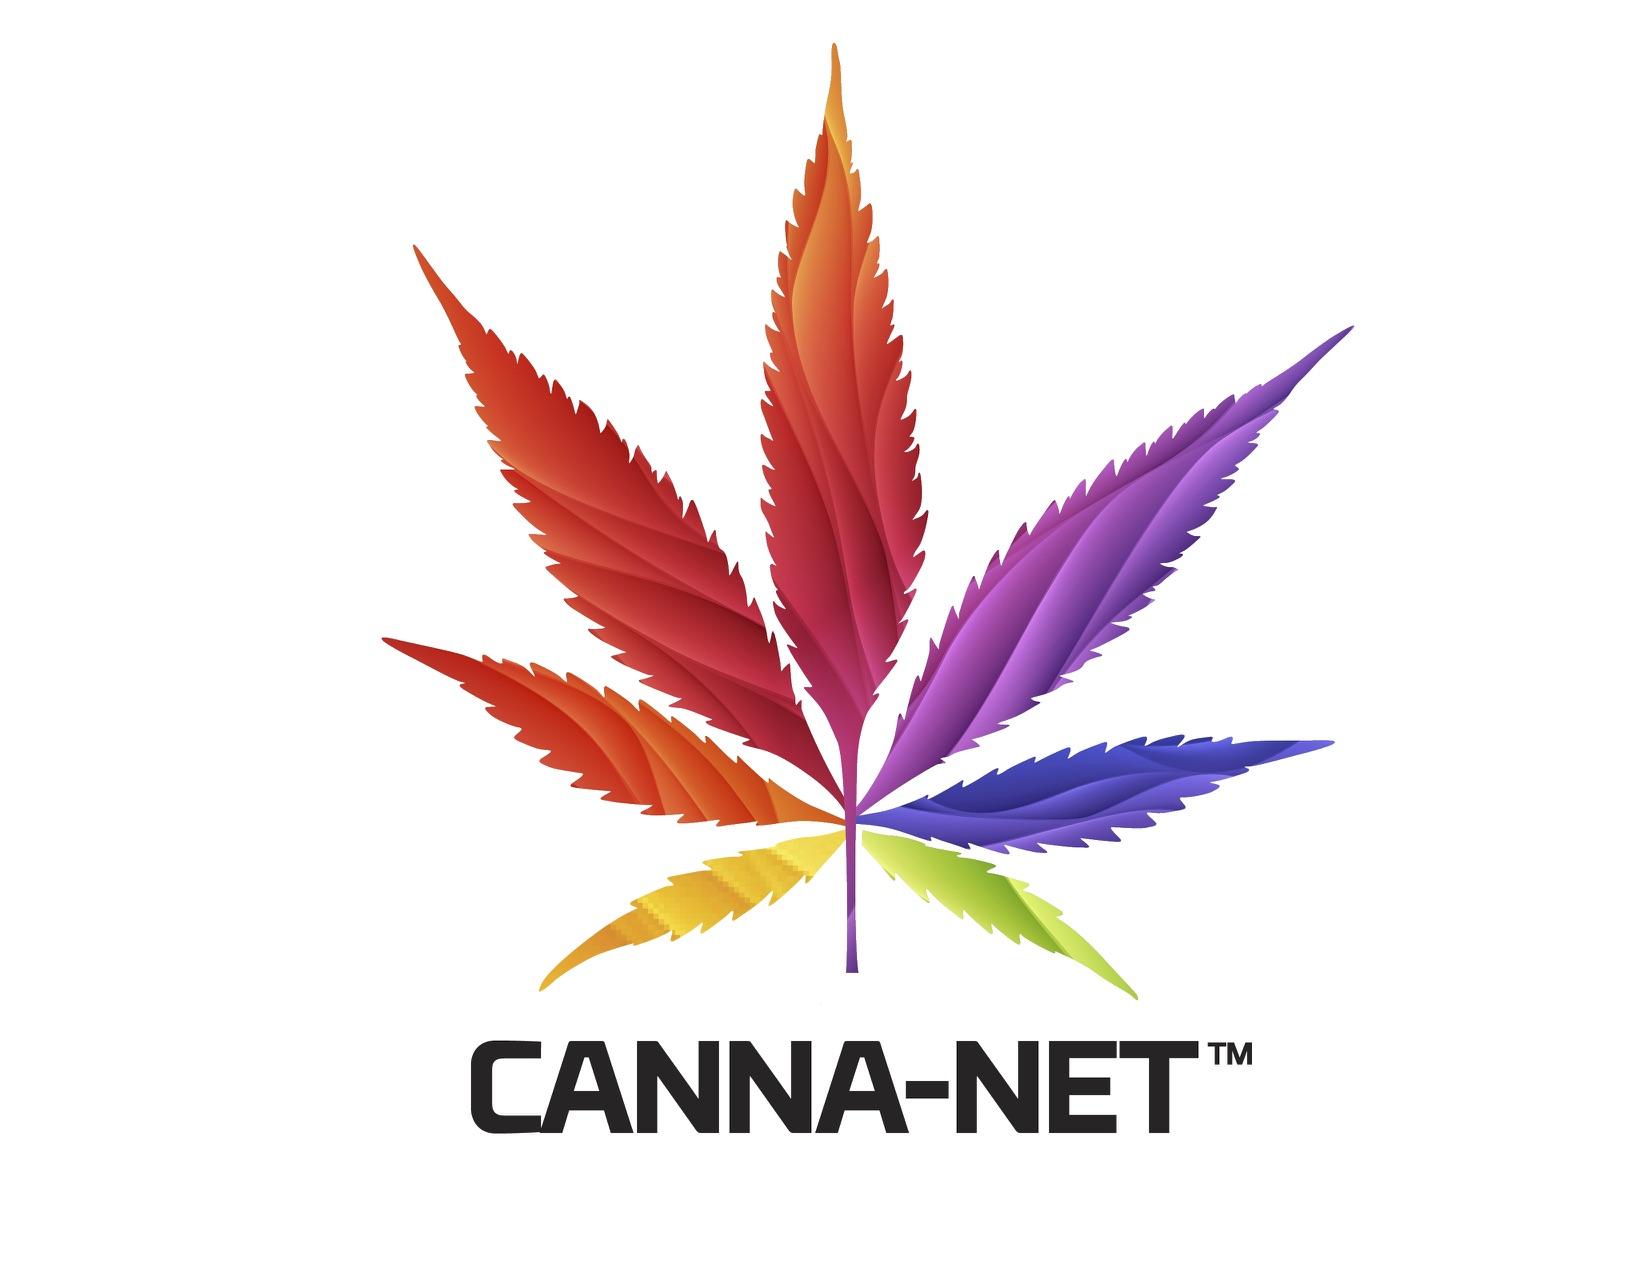 CANNA-NET-01-1.jpg